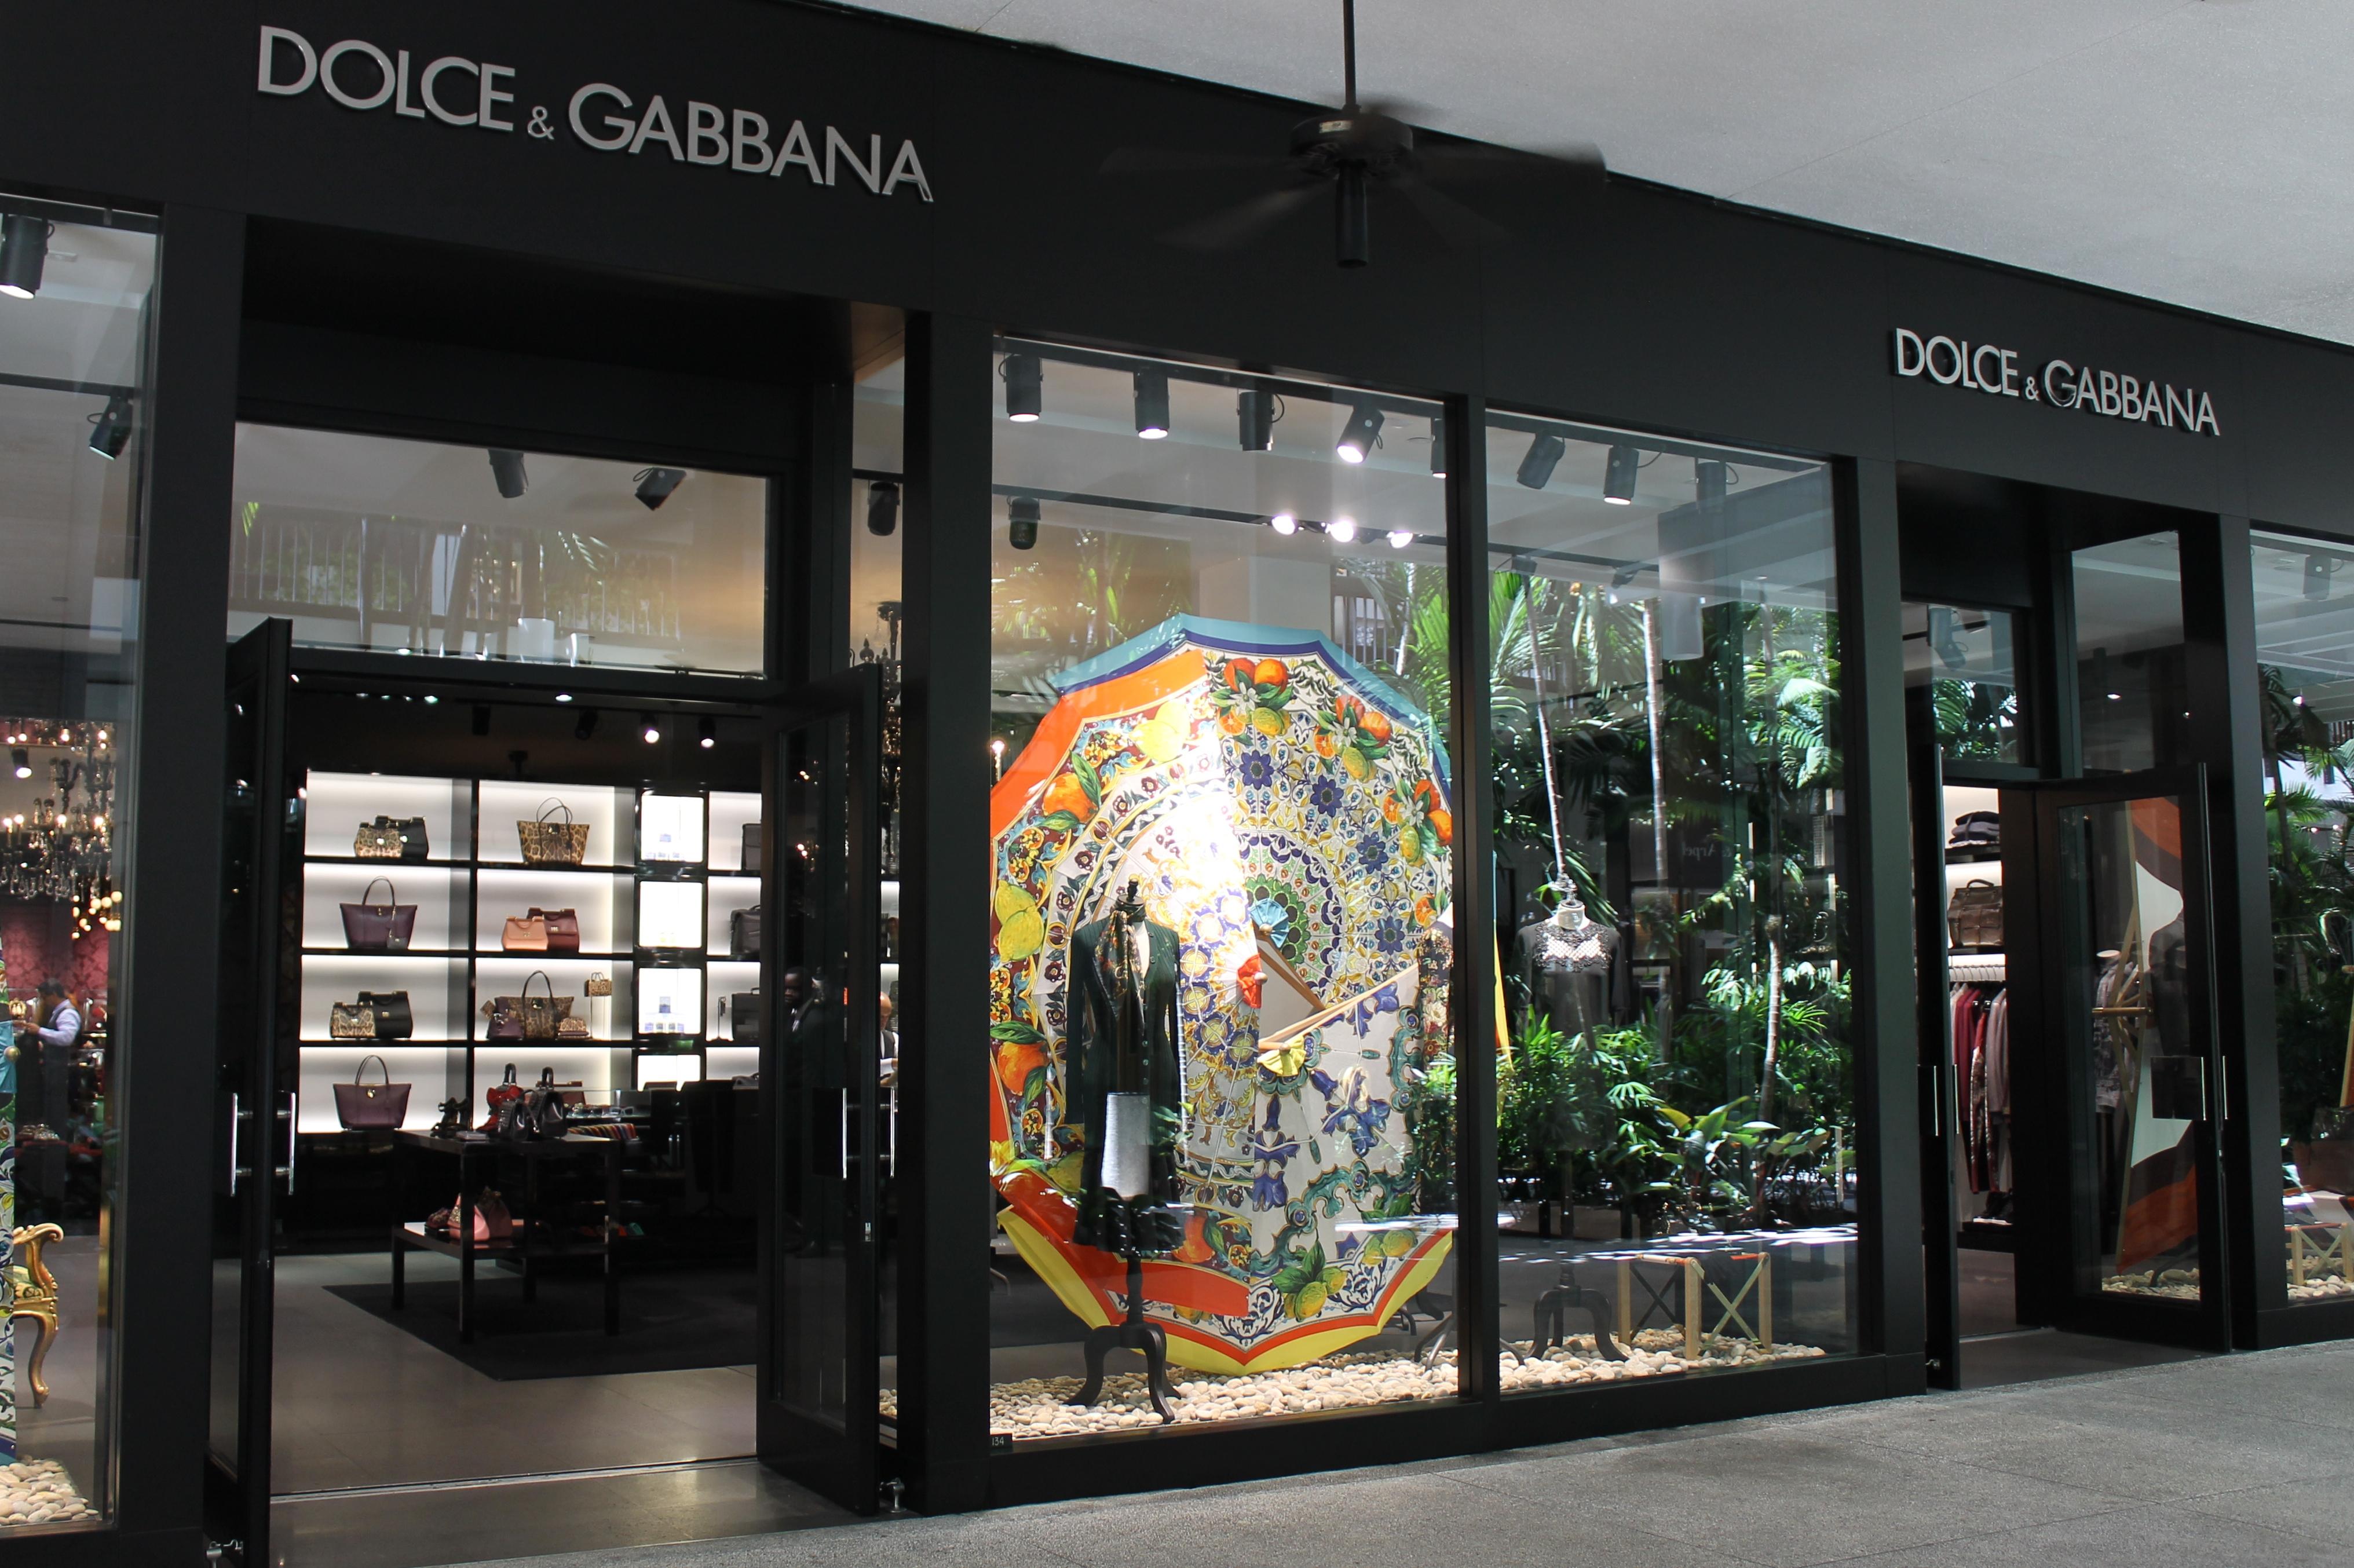 Scarpe Dolce E Gabbana Outlet